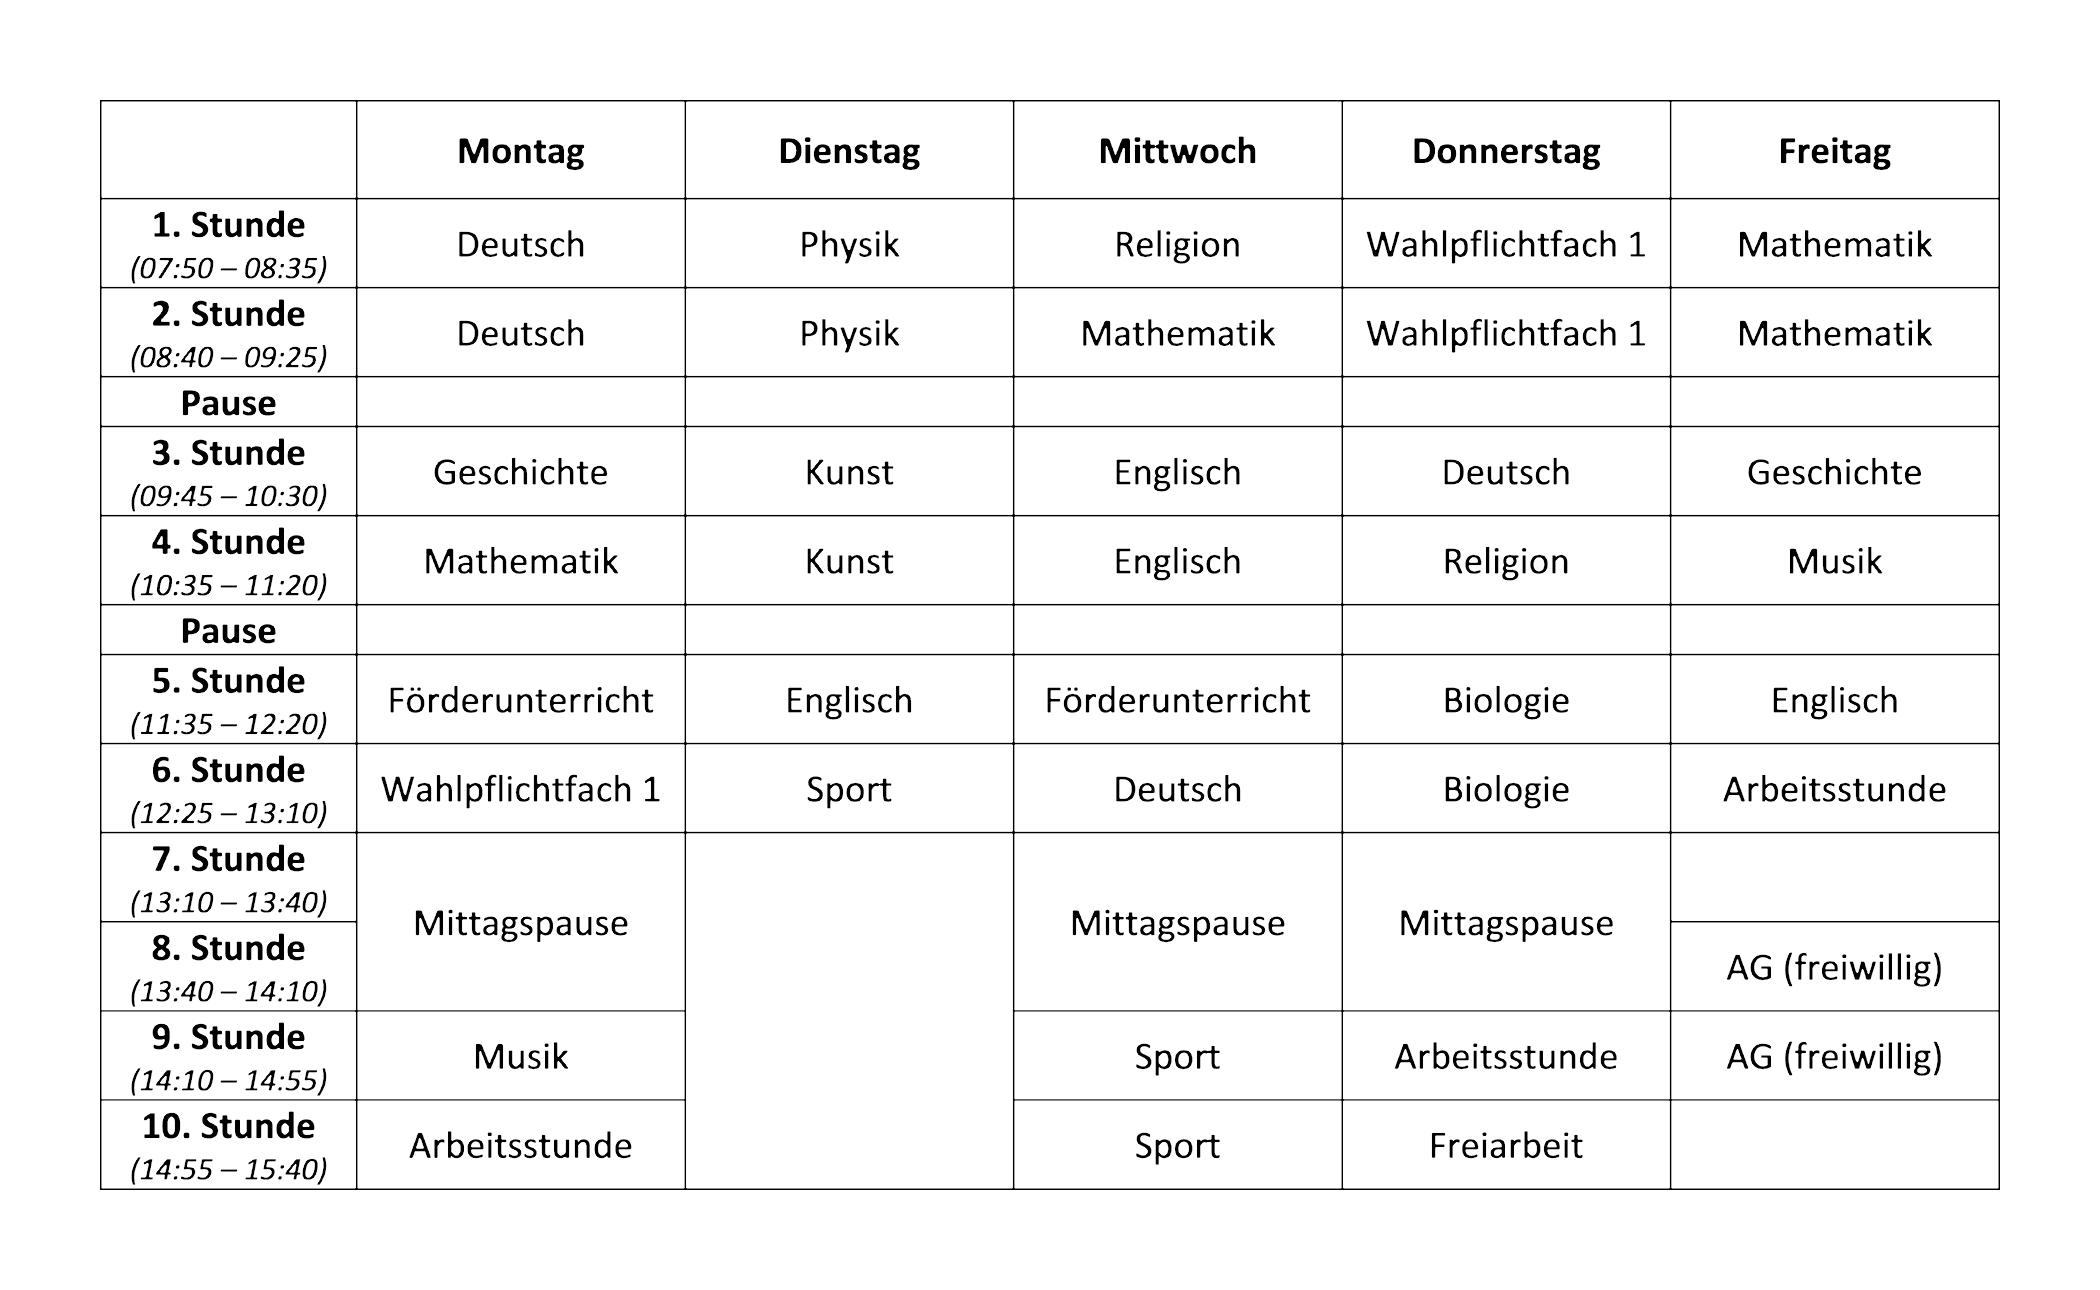 Schön Sonntag Schule Zeitplan Vorlage Ideen - Entry Level Resume ...